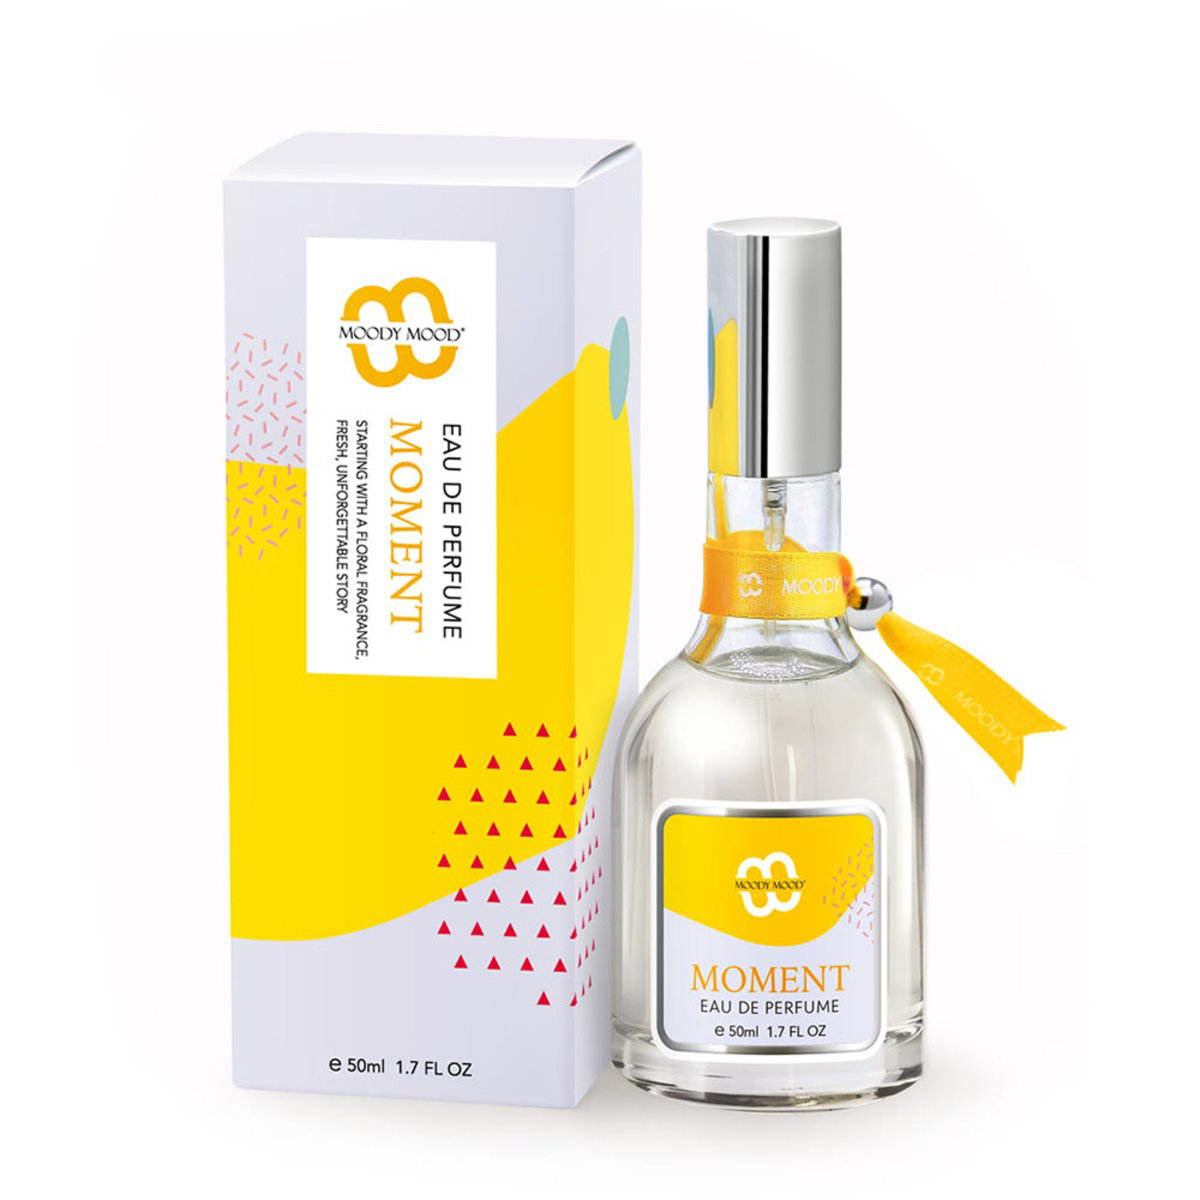 Moment Eau De Parfum 50ml